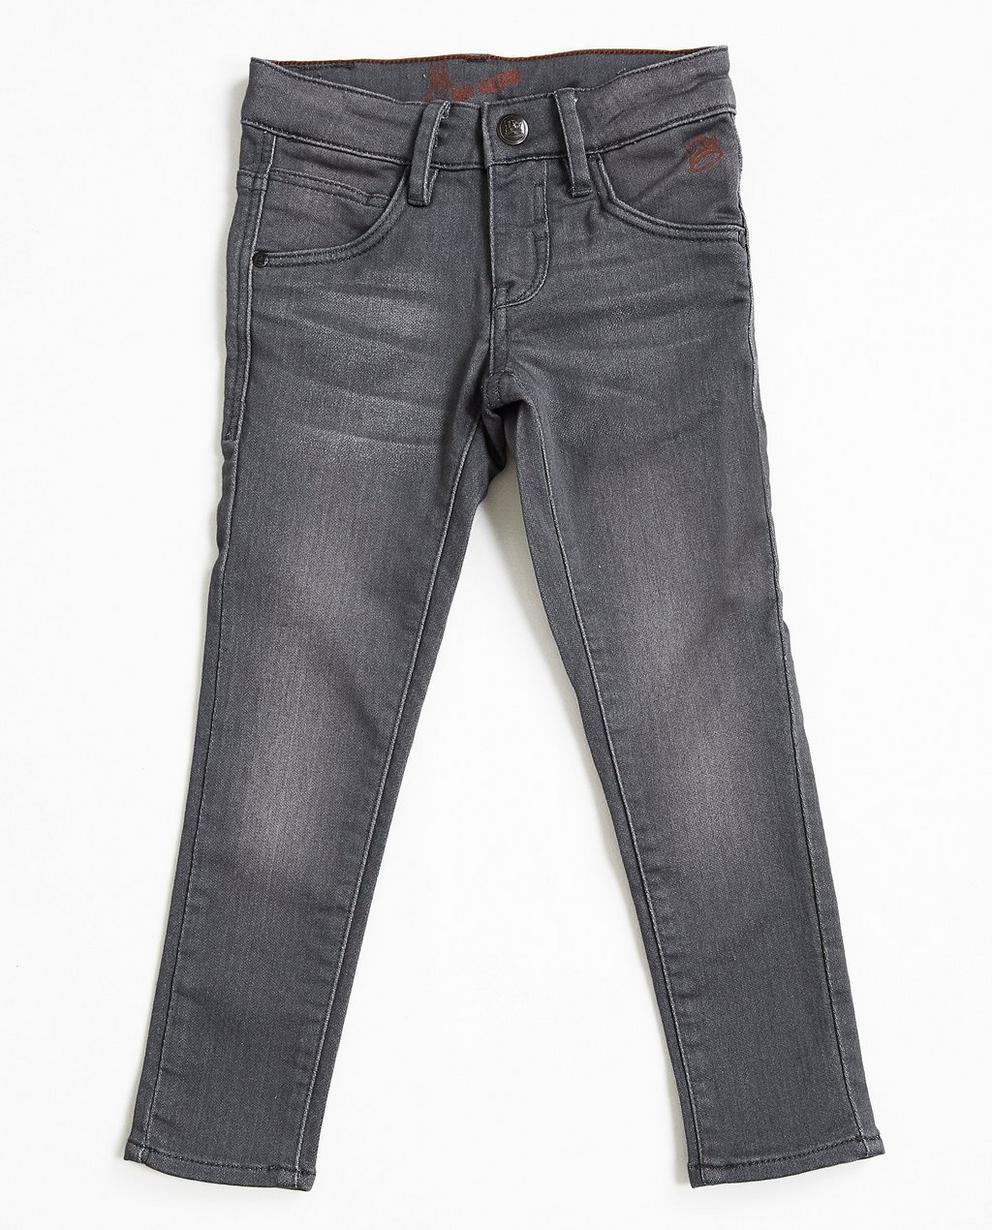 Graue skinny Jeans - Wickie - Wickie